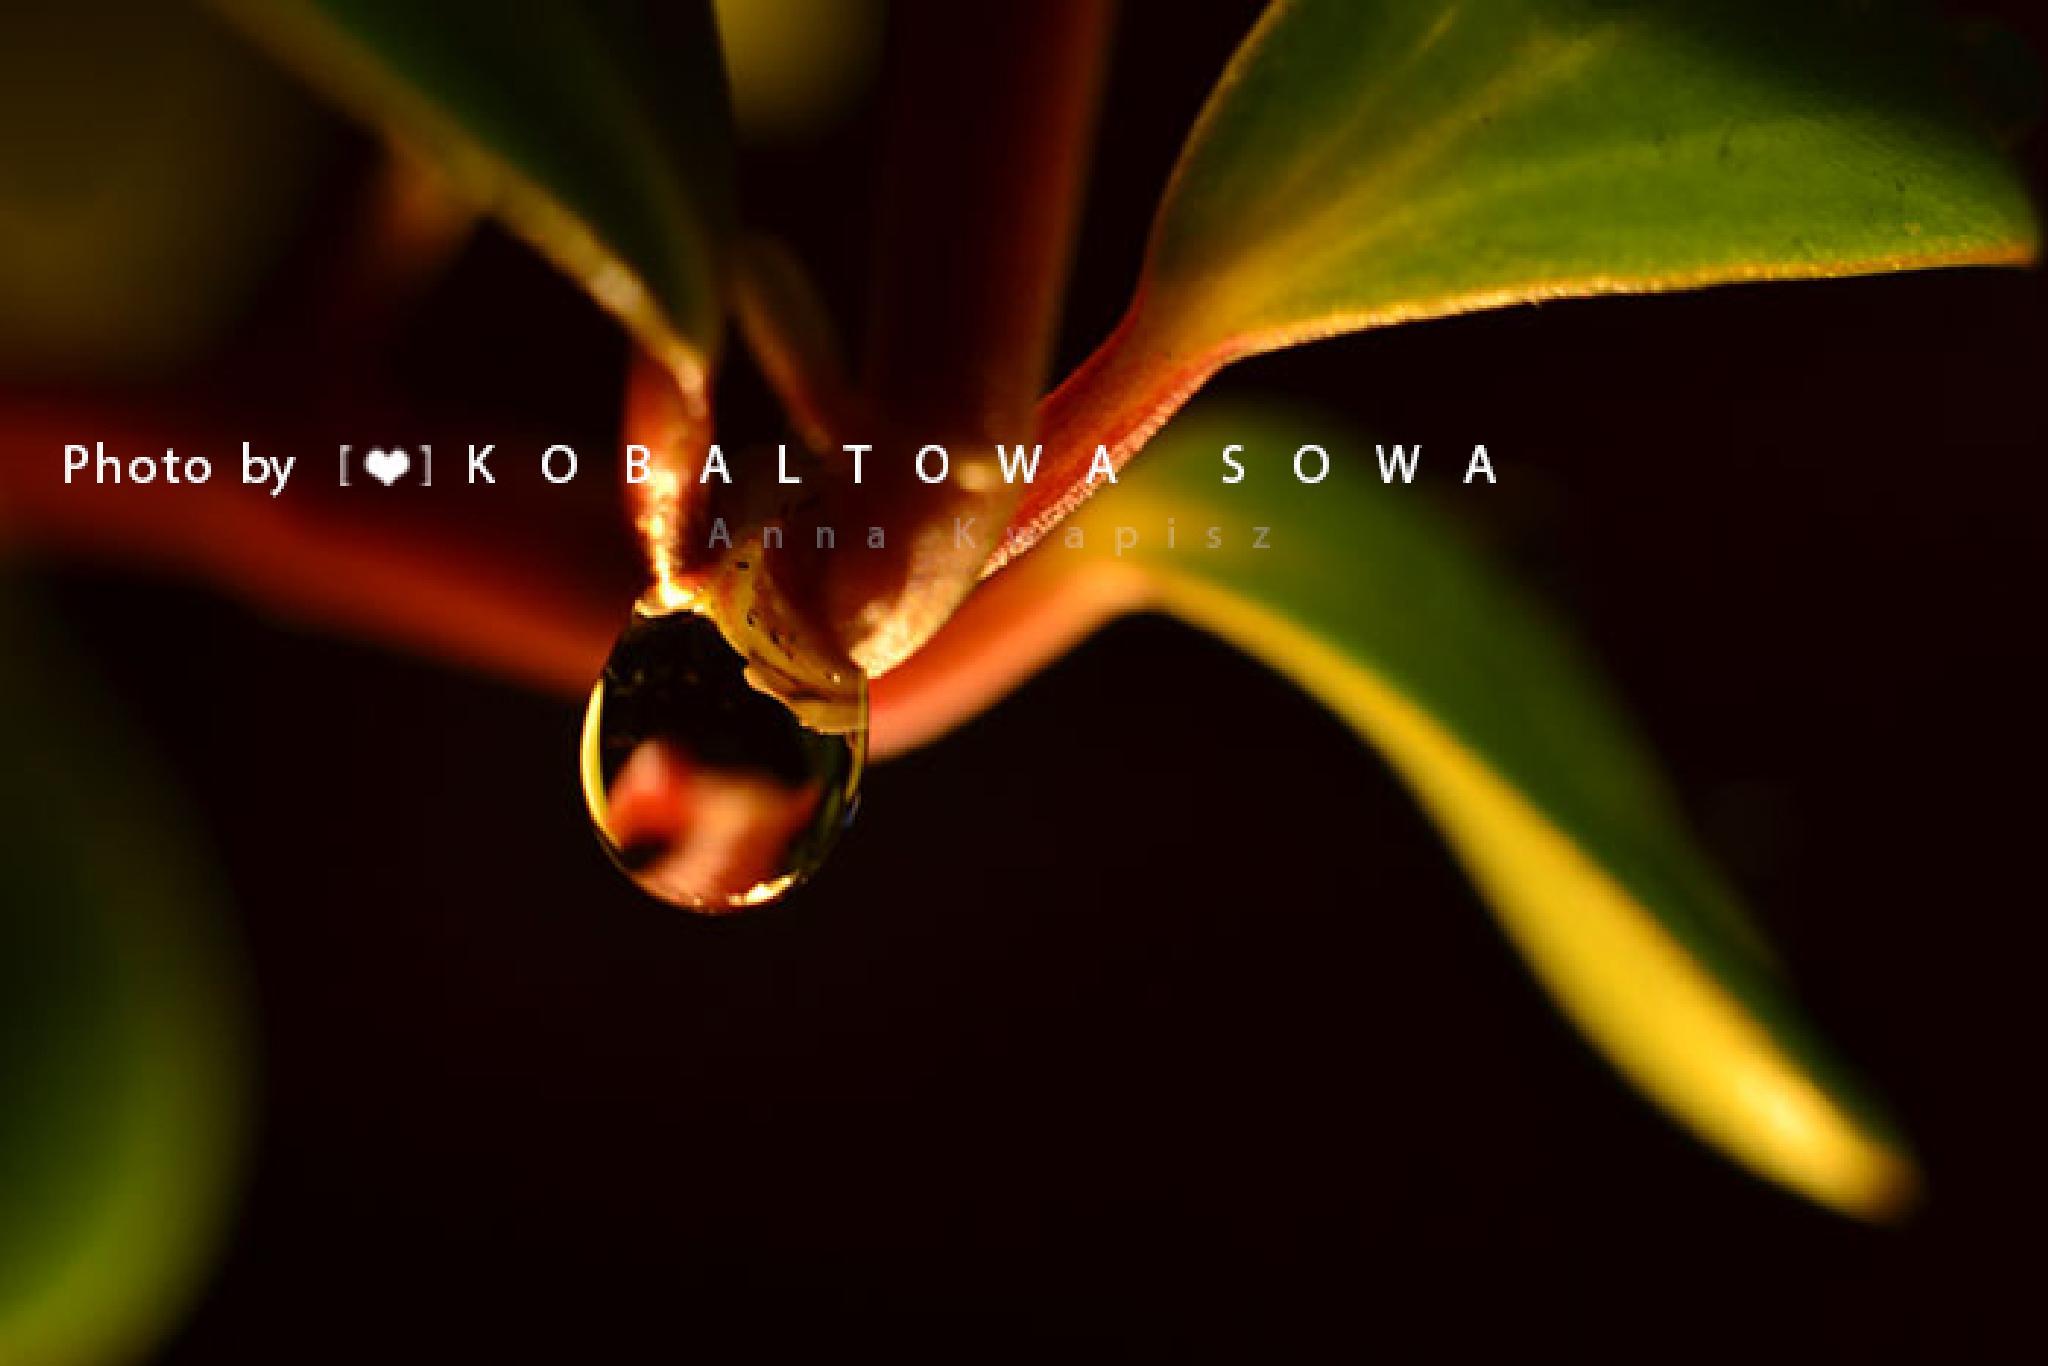 Flower by kobaltowasowa